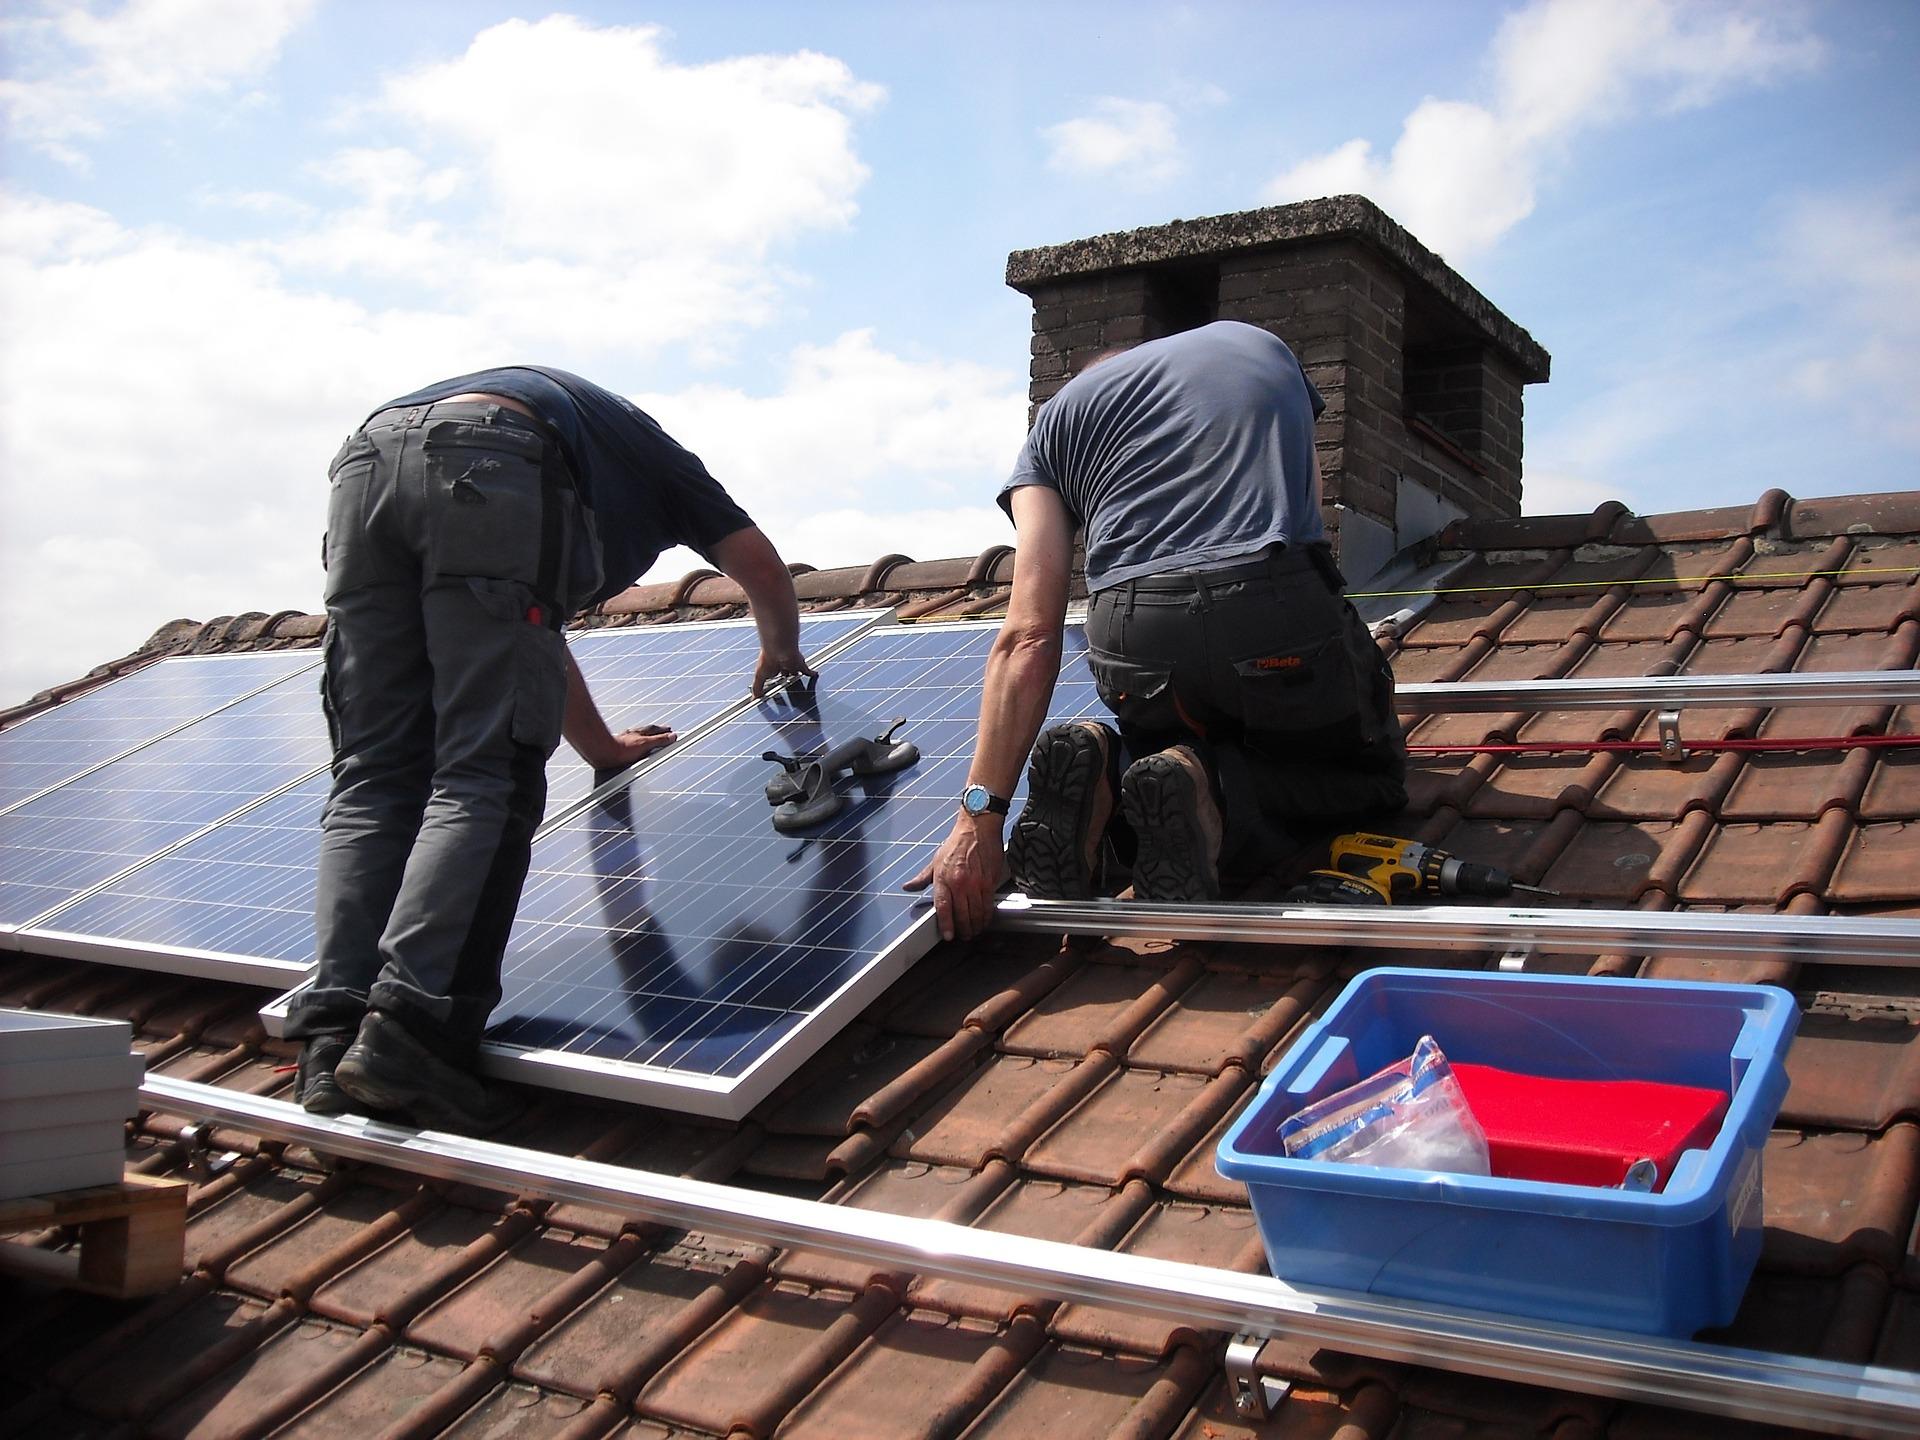 התקנת לוחות סולאריים בבית: זה ישתלם לכם